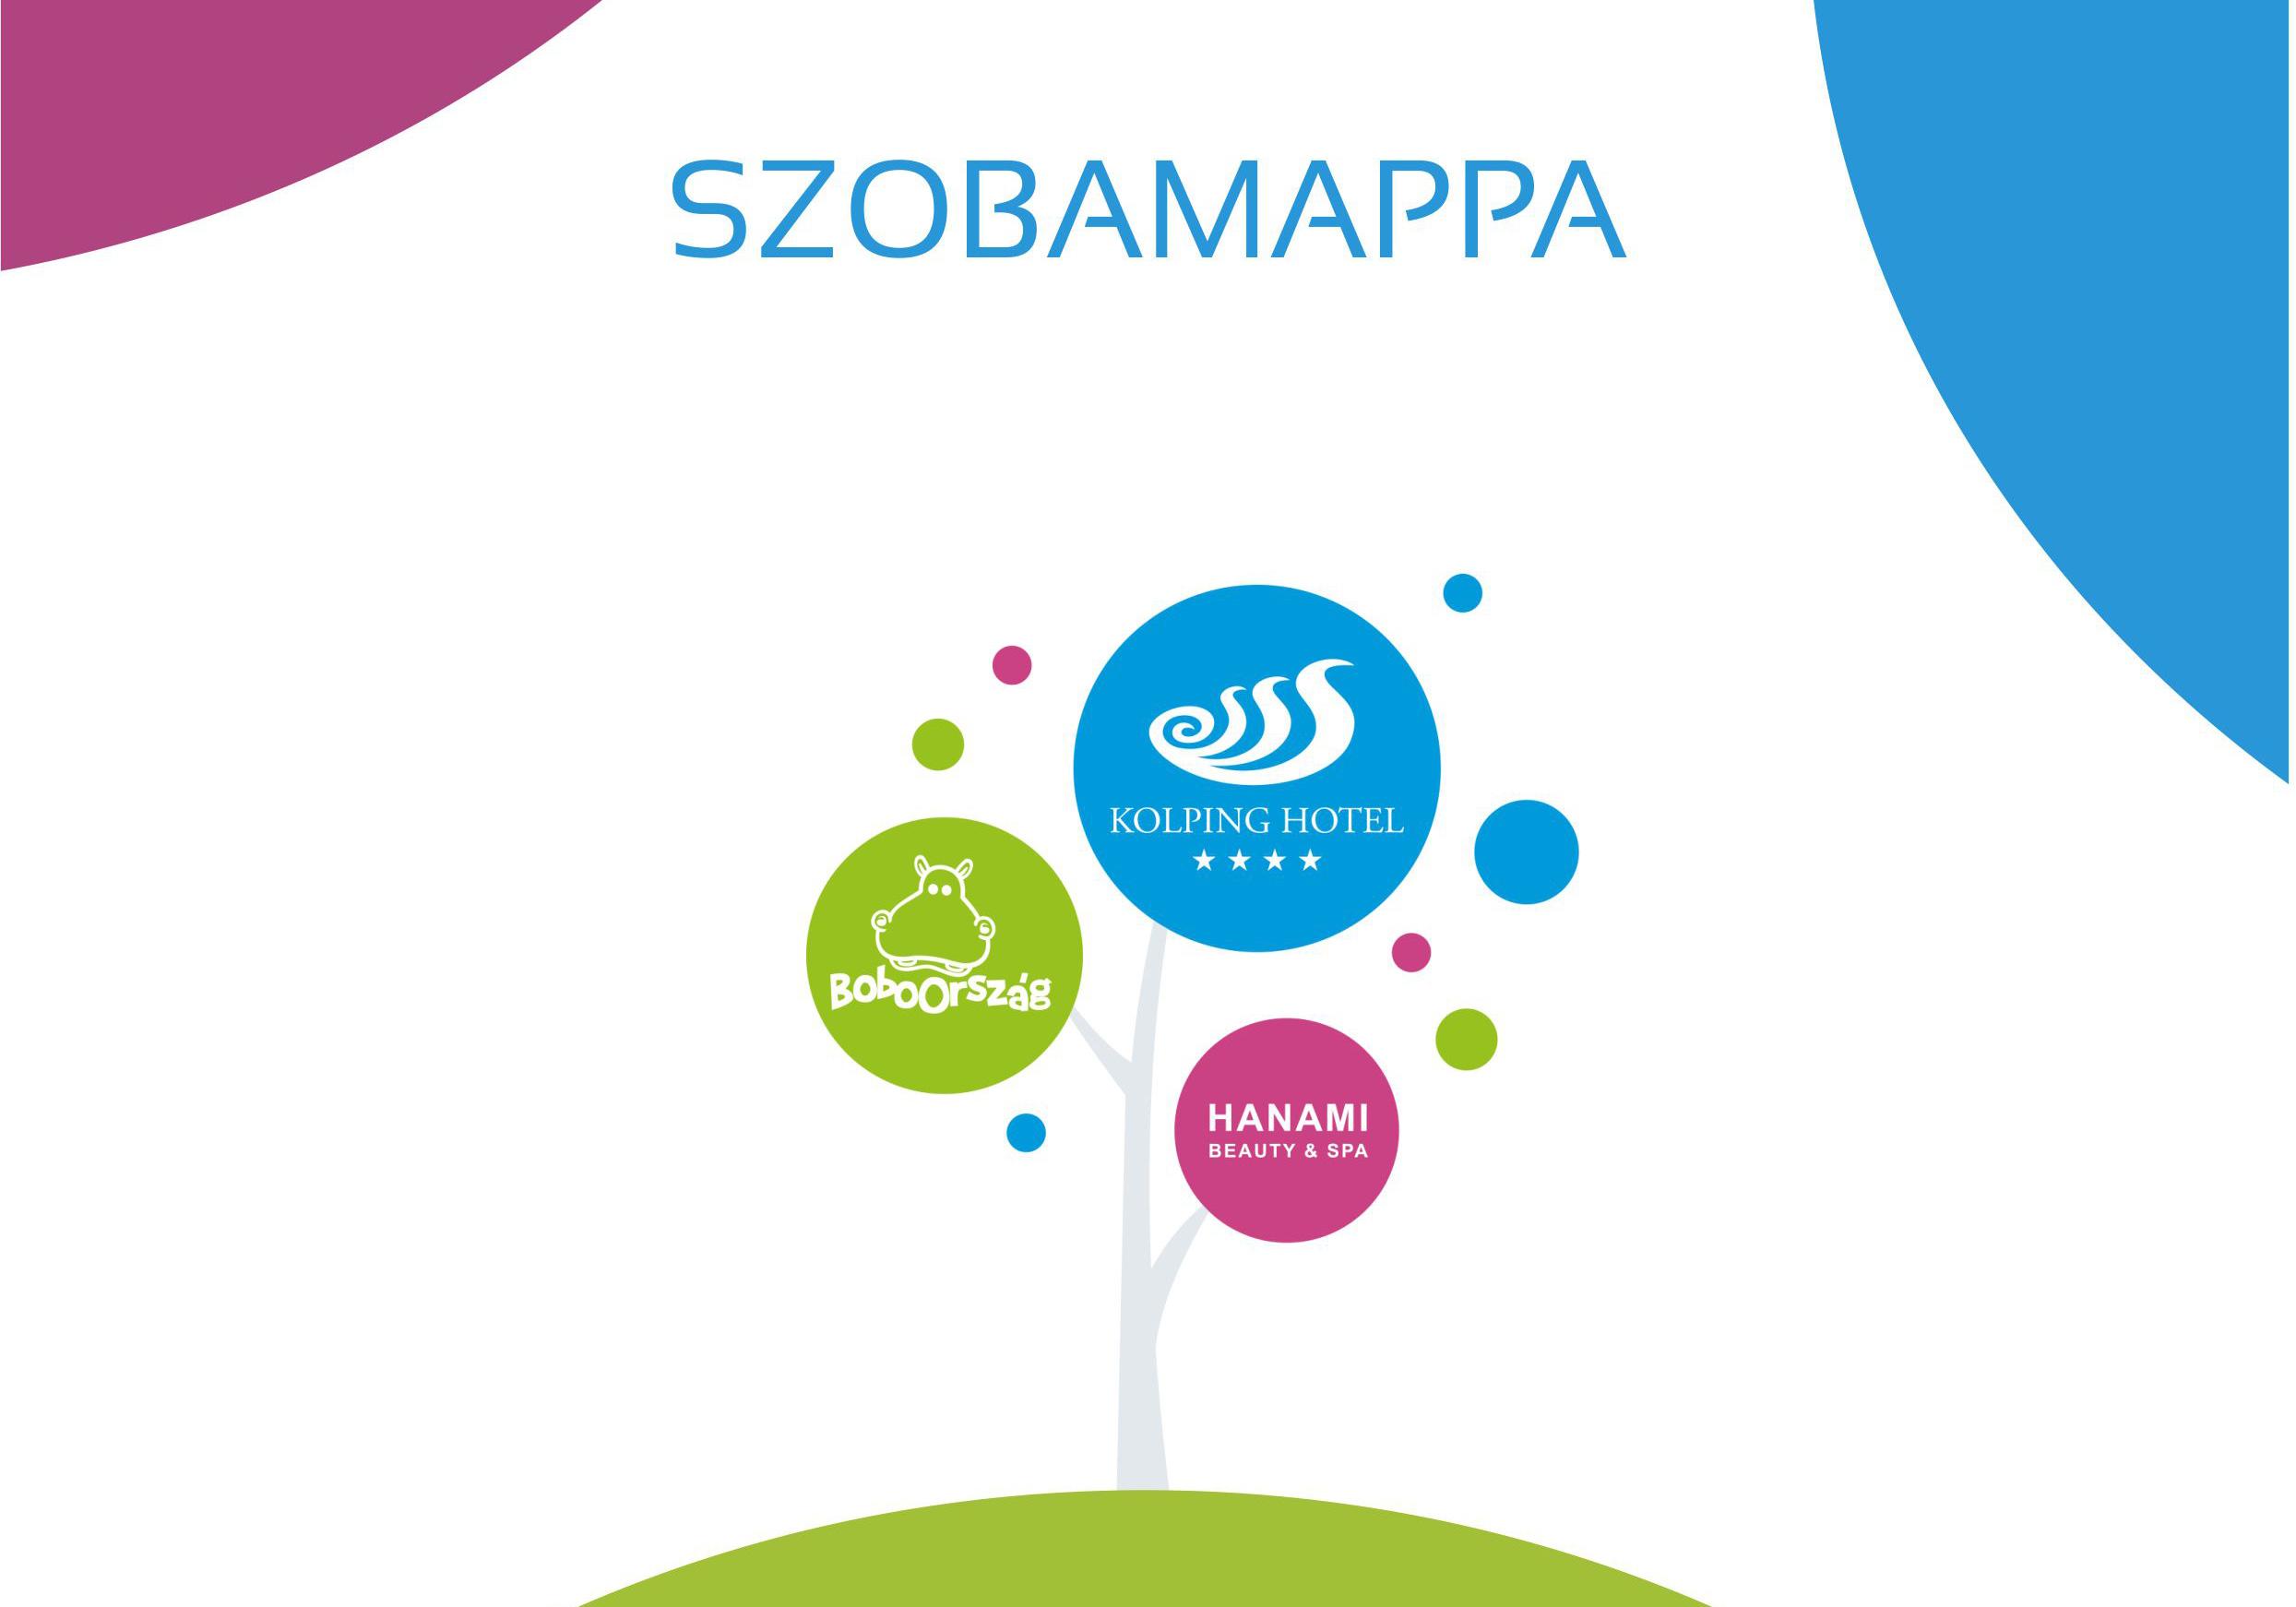 Kolping Hotel - Szobamappa